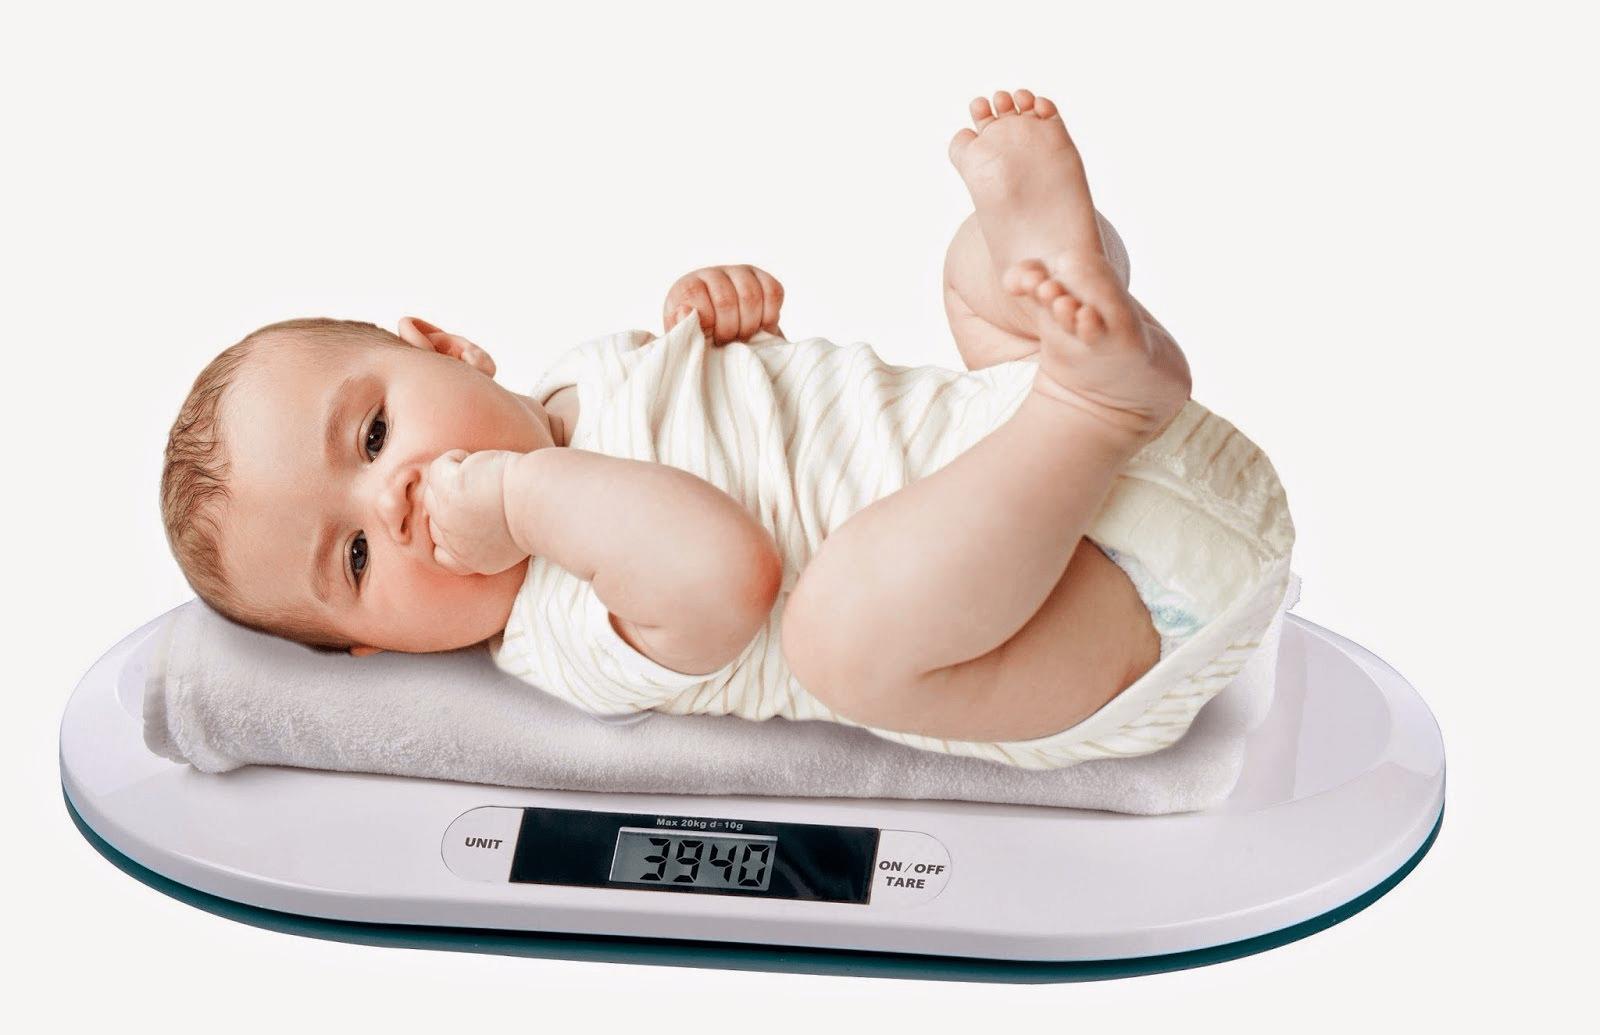 طريقة حساب وزن الطفل حسب العمر